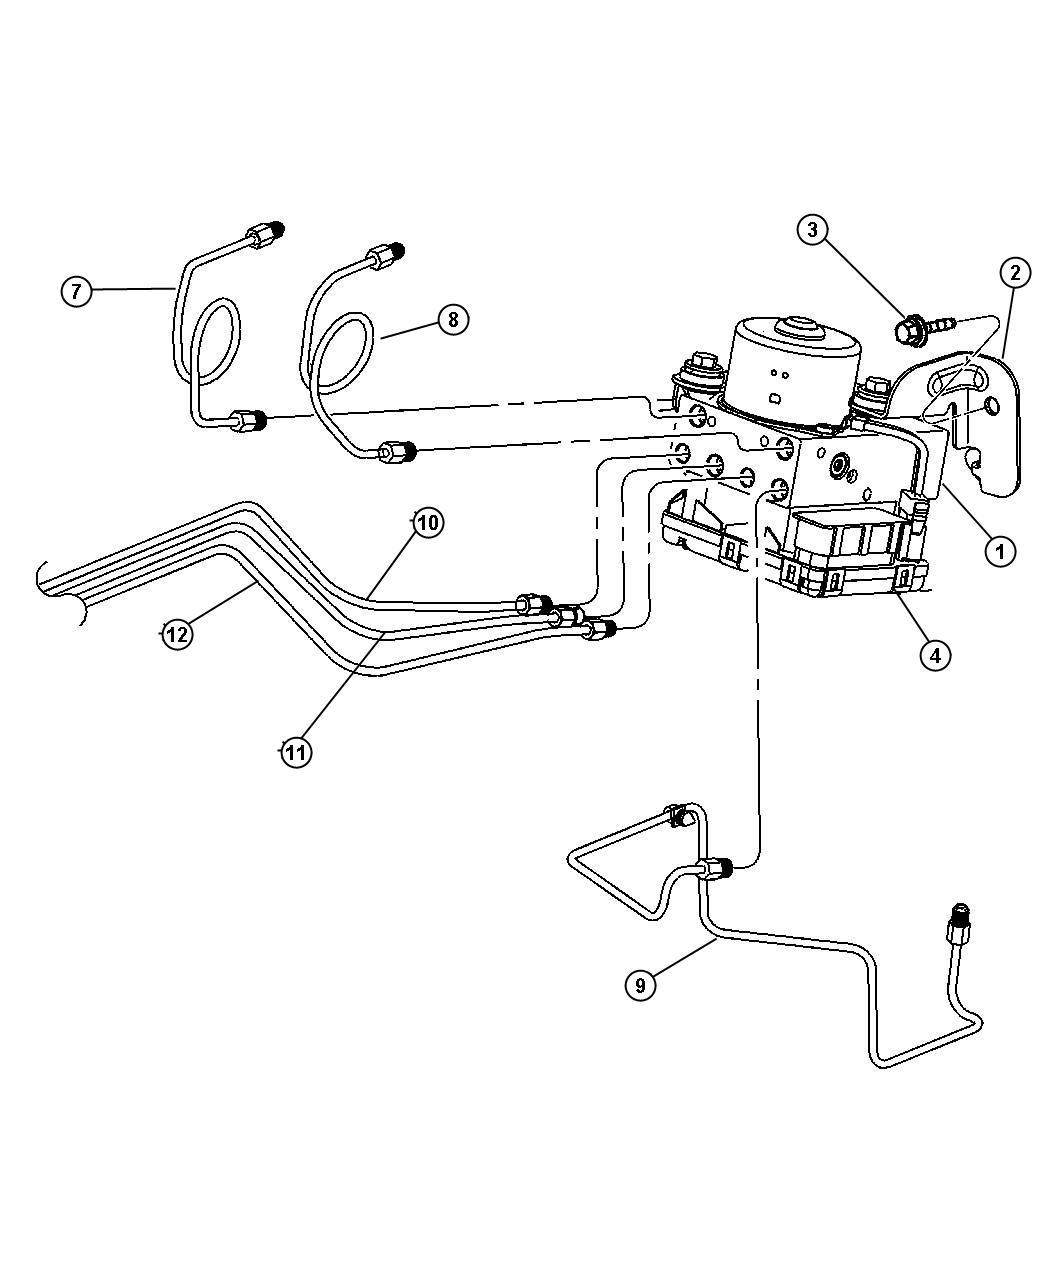 2009 Dodge Ram 2500 Bolt. Hydraulic control unit. Mounting